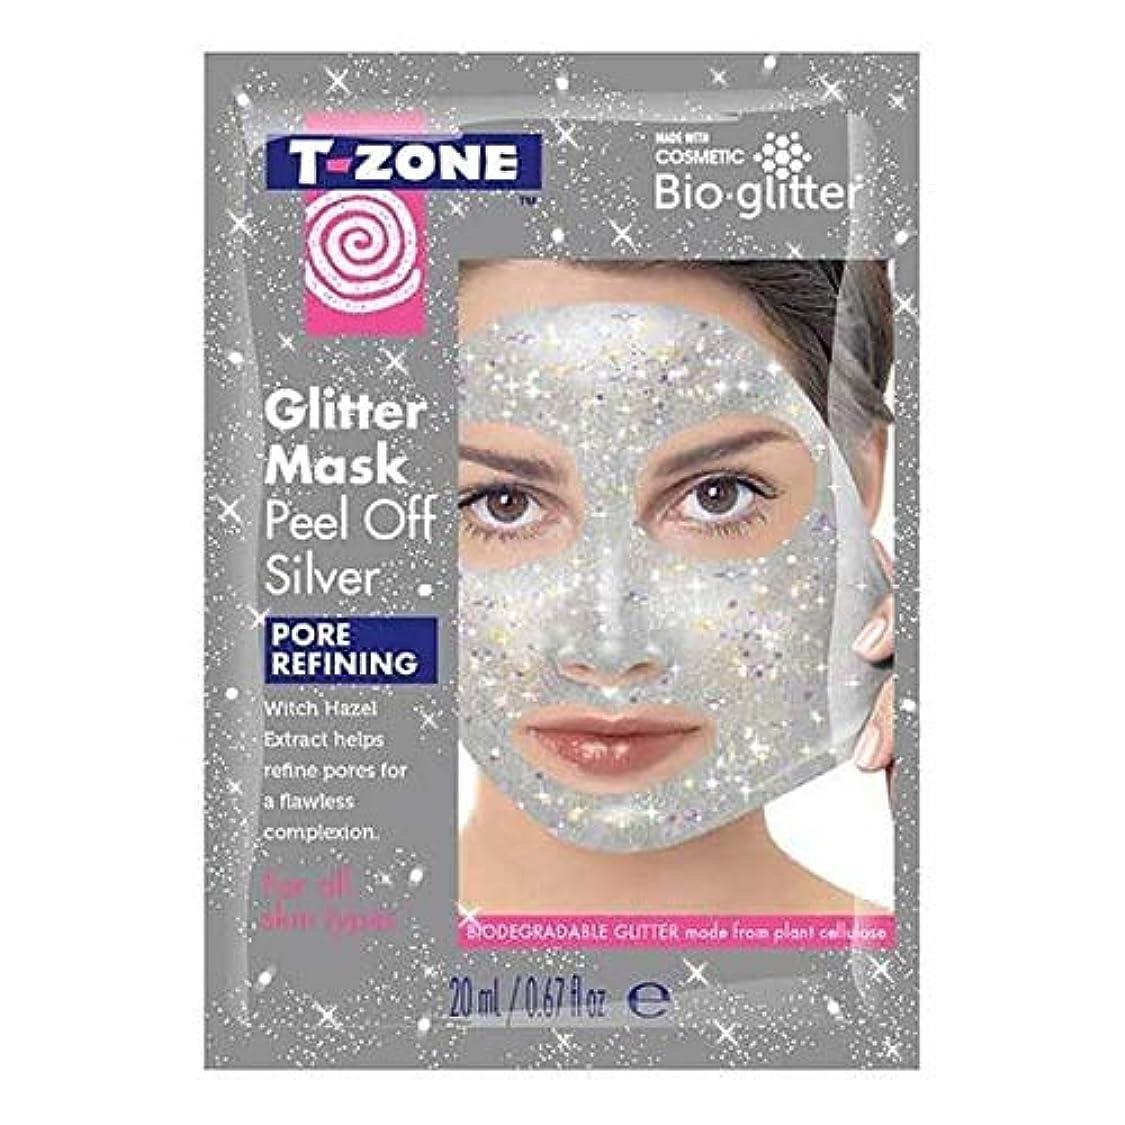 閉じる呼ぶ危険な[T-Zone] Tゾーンの輝きは、マスクの銀をはがし - T-Zone Glitter Peel Off Mask Silver [並行輸入品]